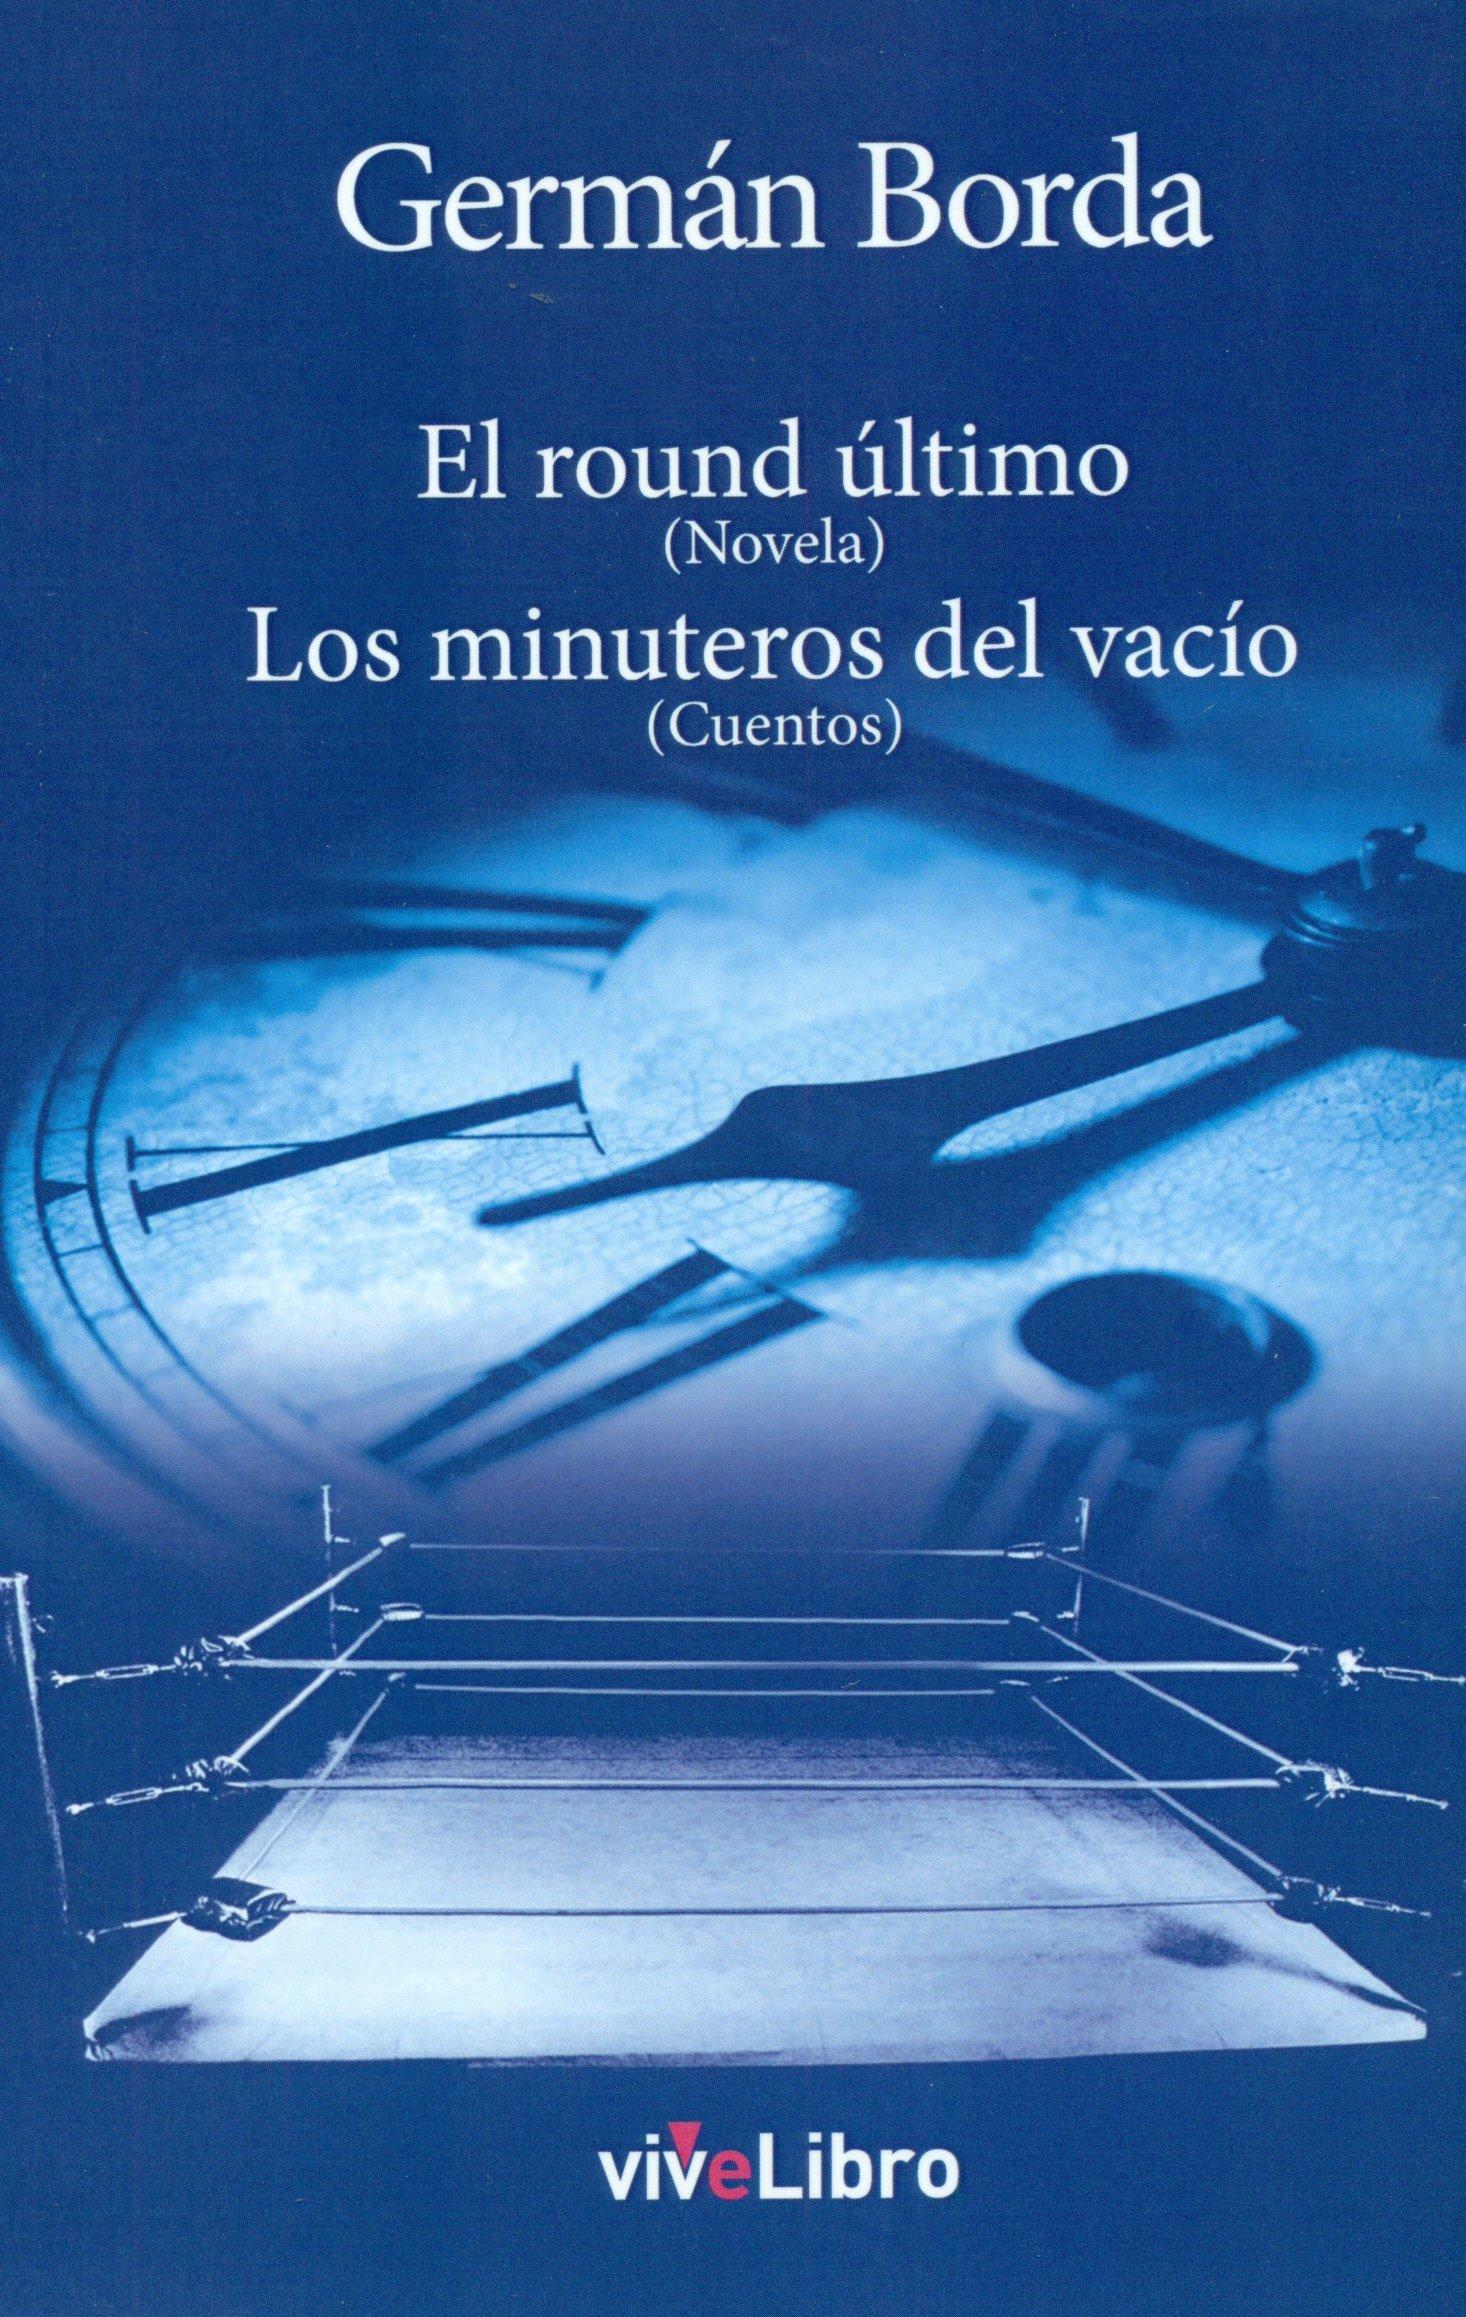 El round último (Novela). Los minuteros del vacío (Cuentos): 9788416563210: Amazon.com: Books